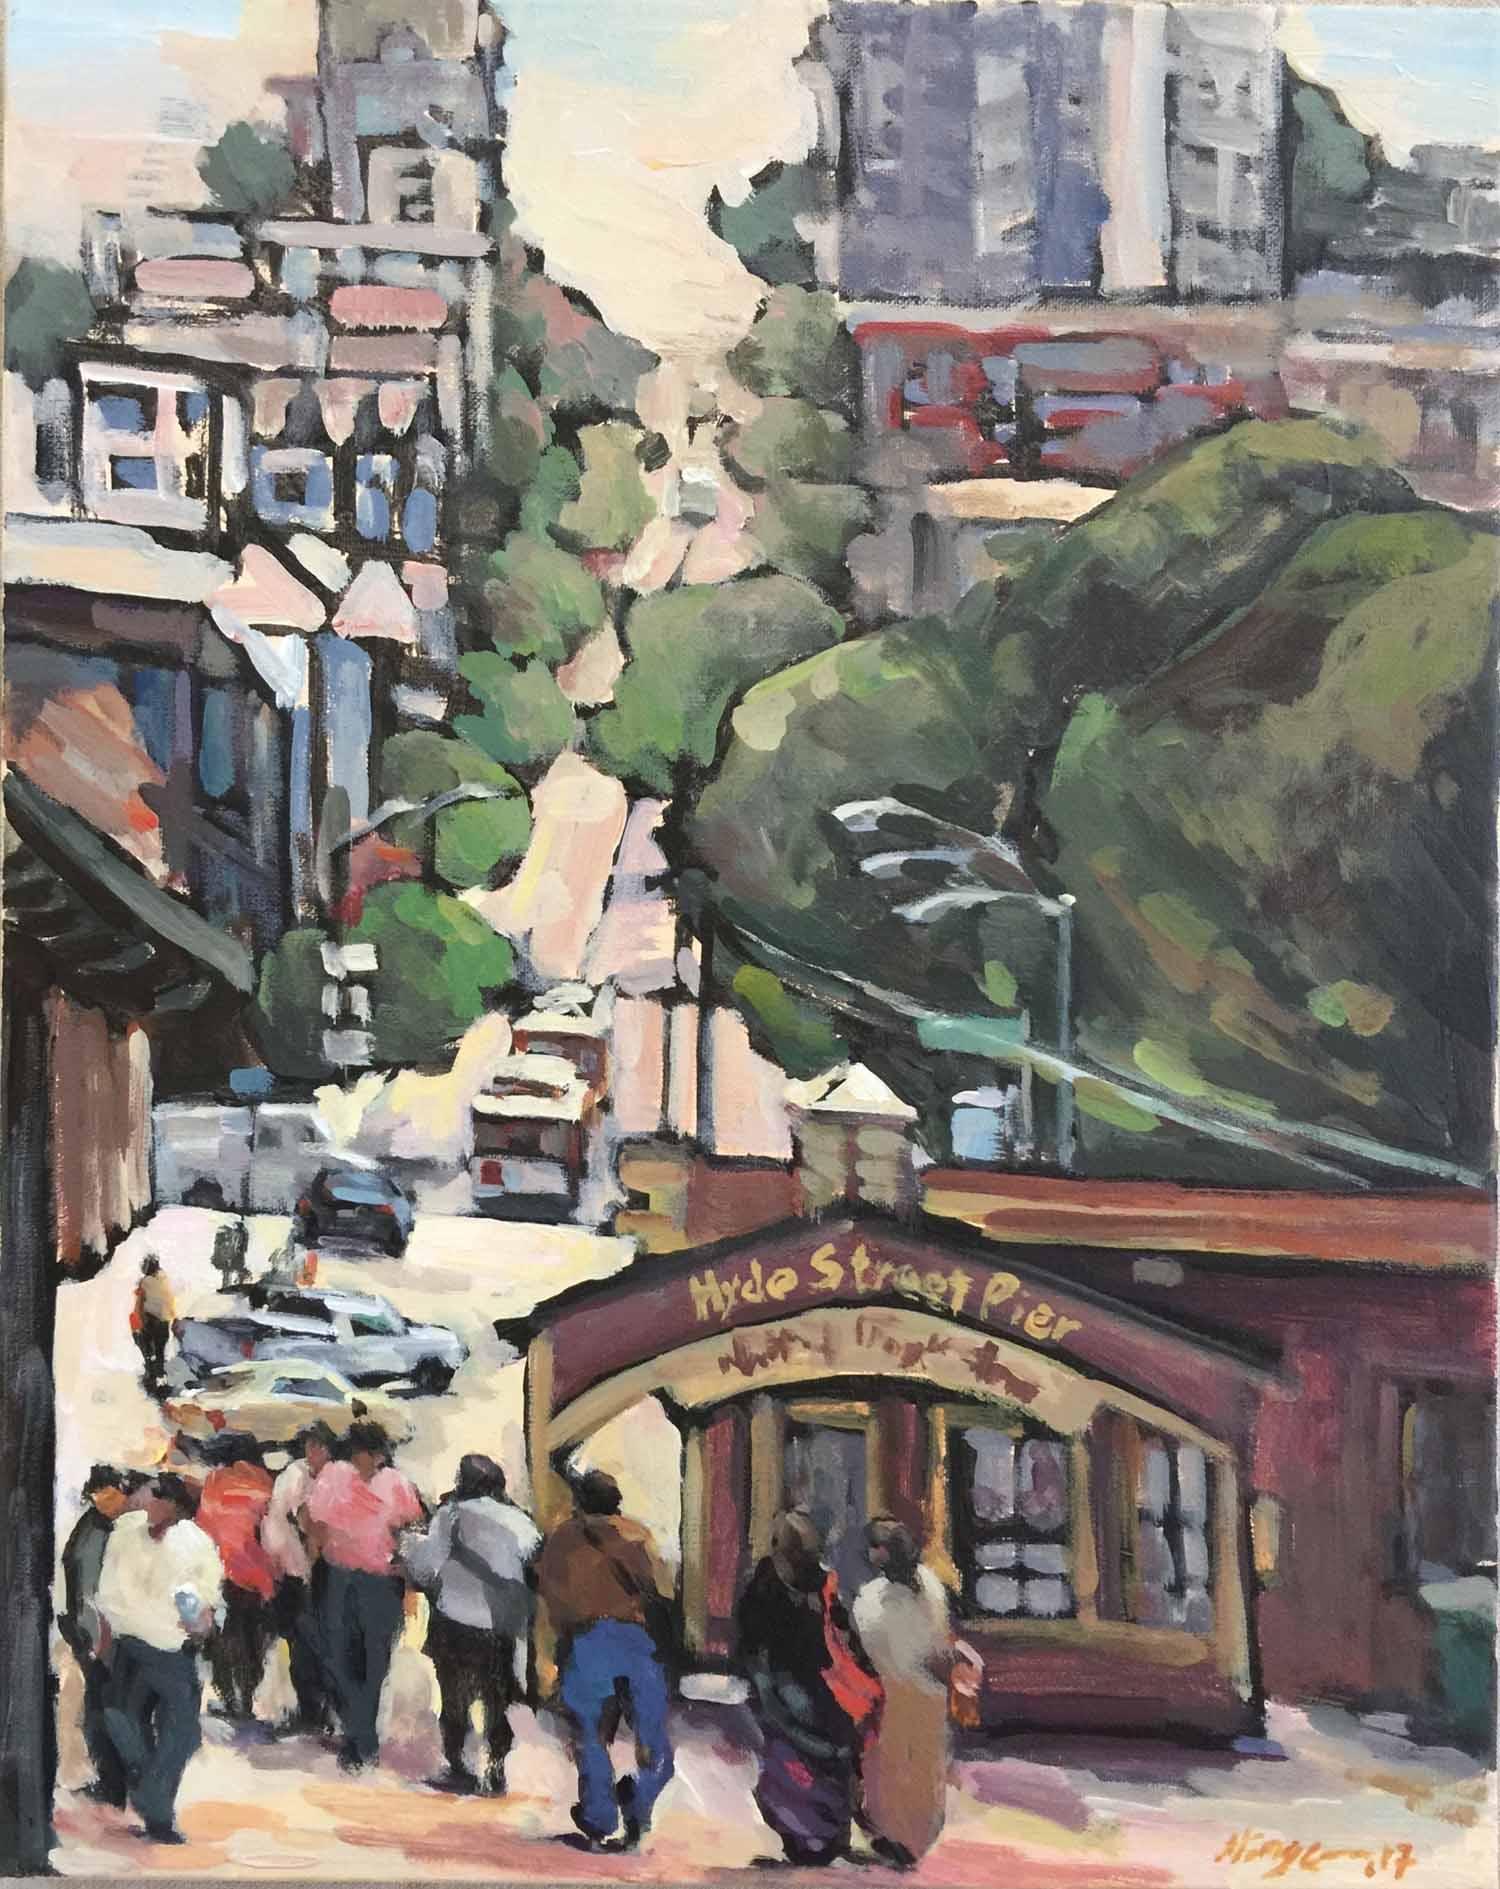 Hyde Street Pier